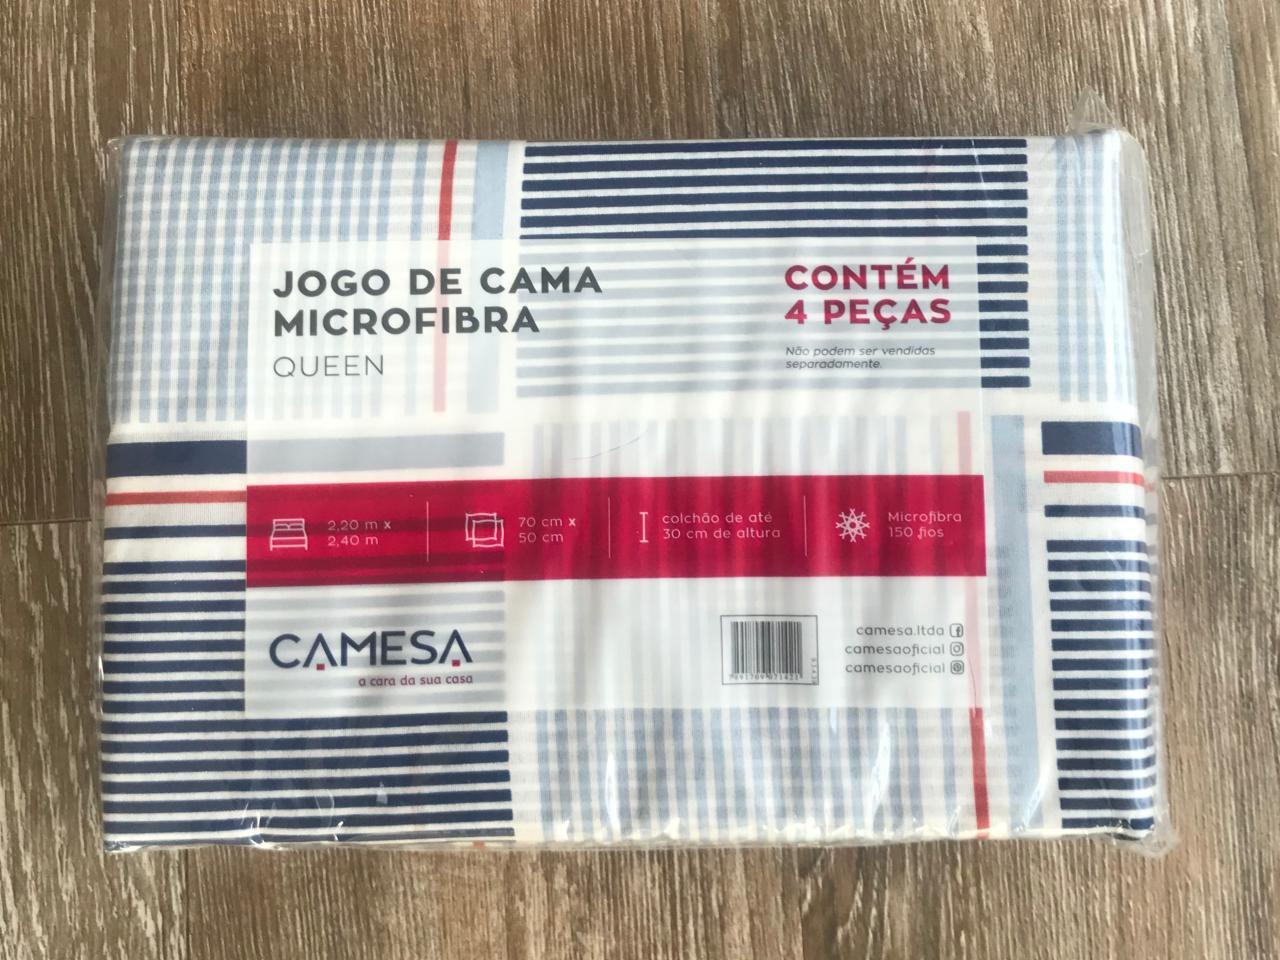 Jogo de Cama Queen Cusco Microfibra 4 peças Camesa